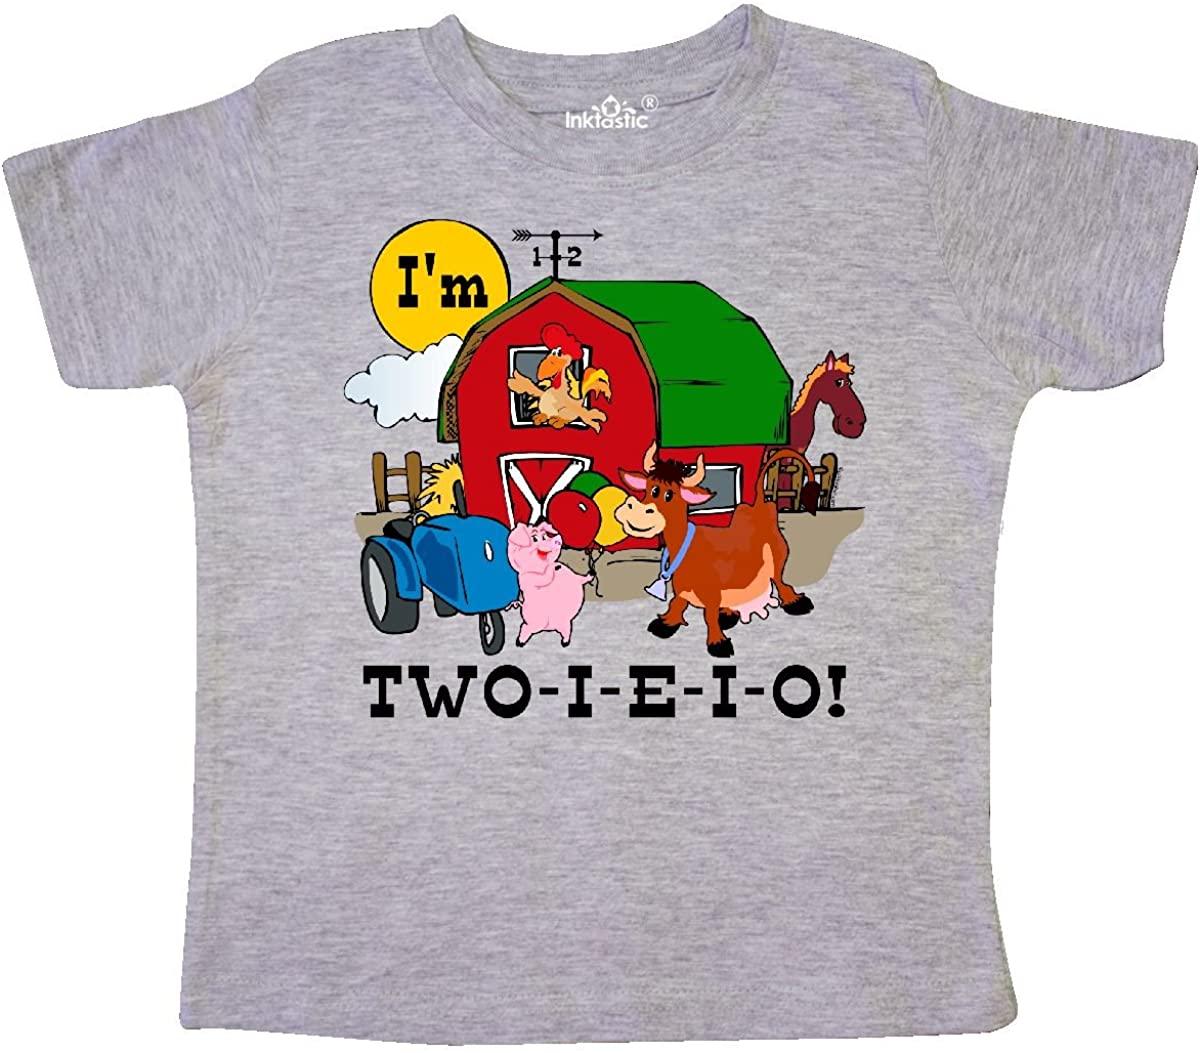 inktastic Two-I-E-I-O Toddler T-Shirt